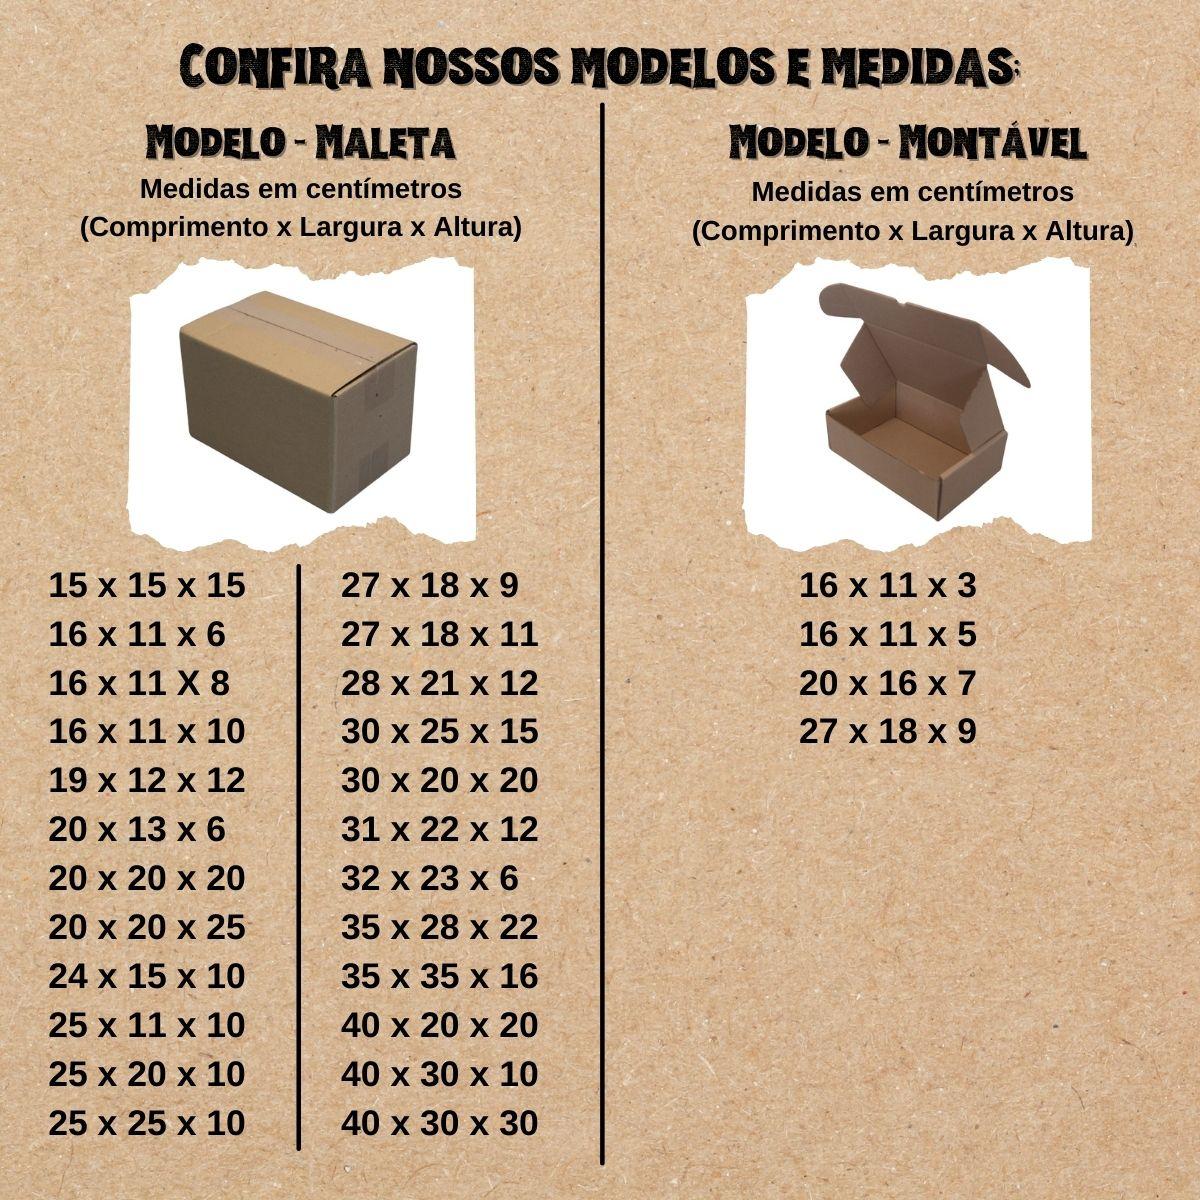 500 Caixas de Papelao (15X15X15)cm - Sedex / Pac / Correios